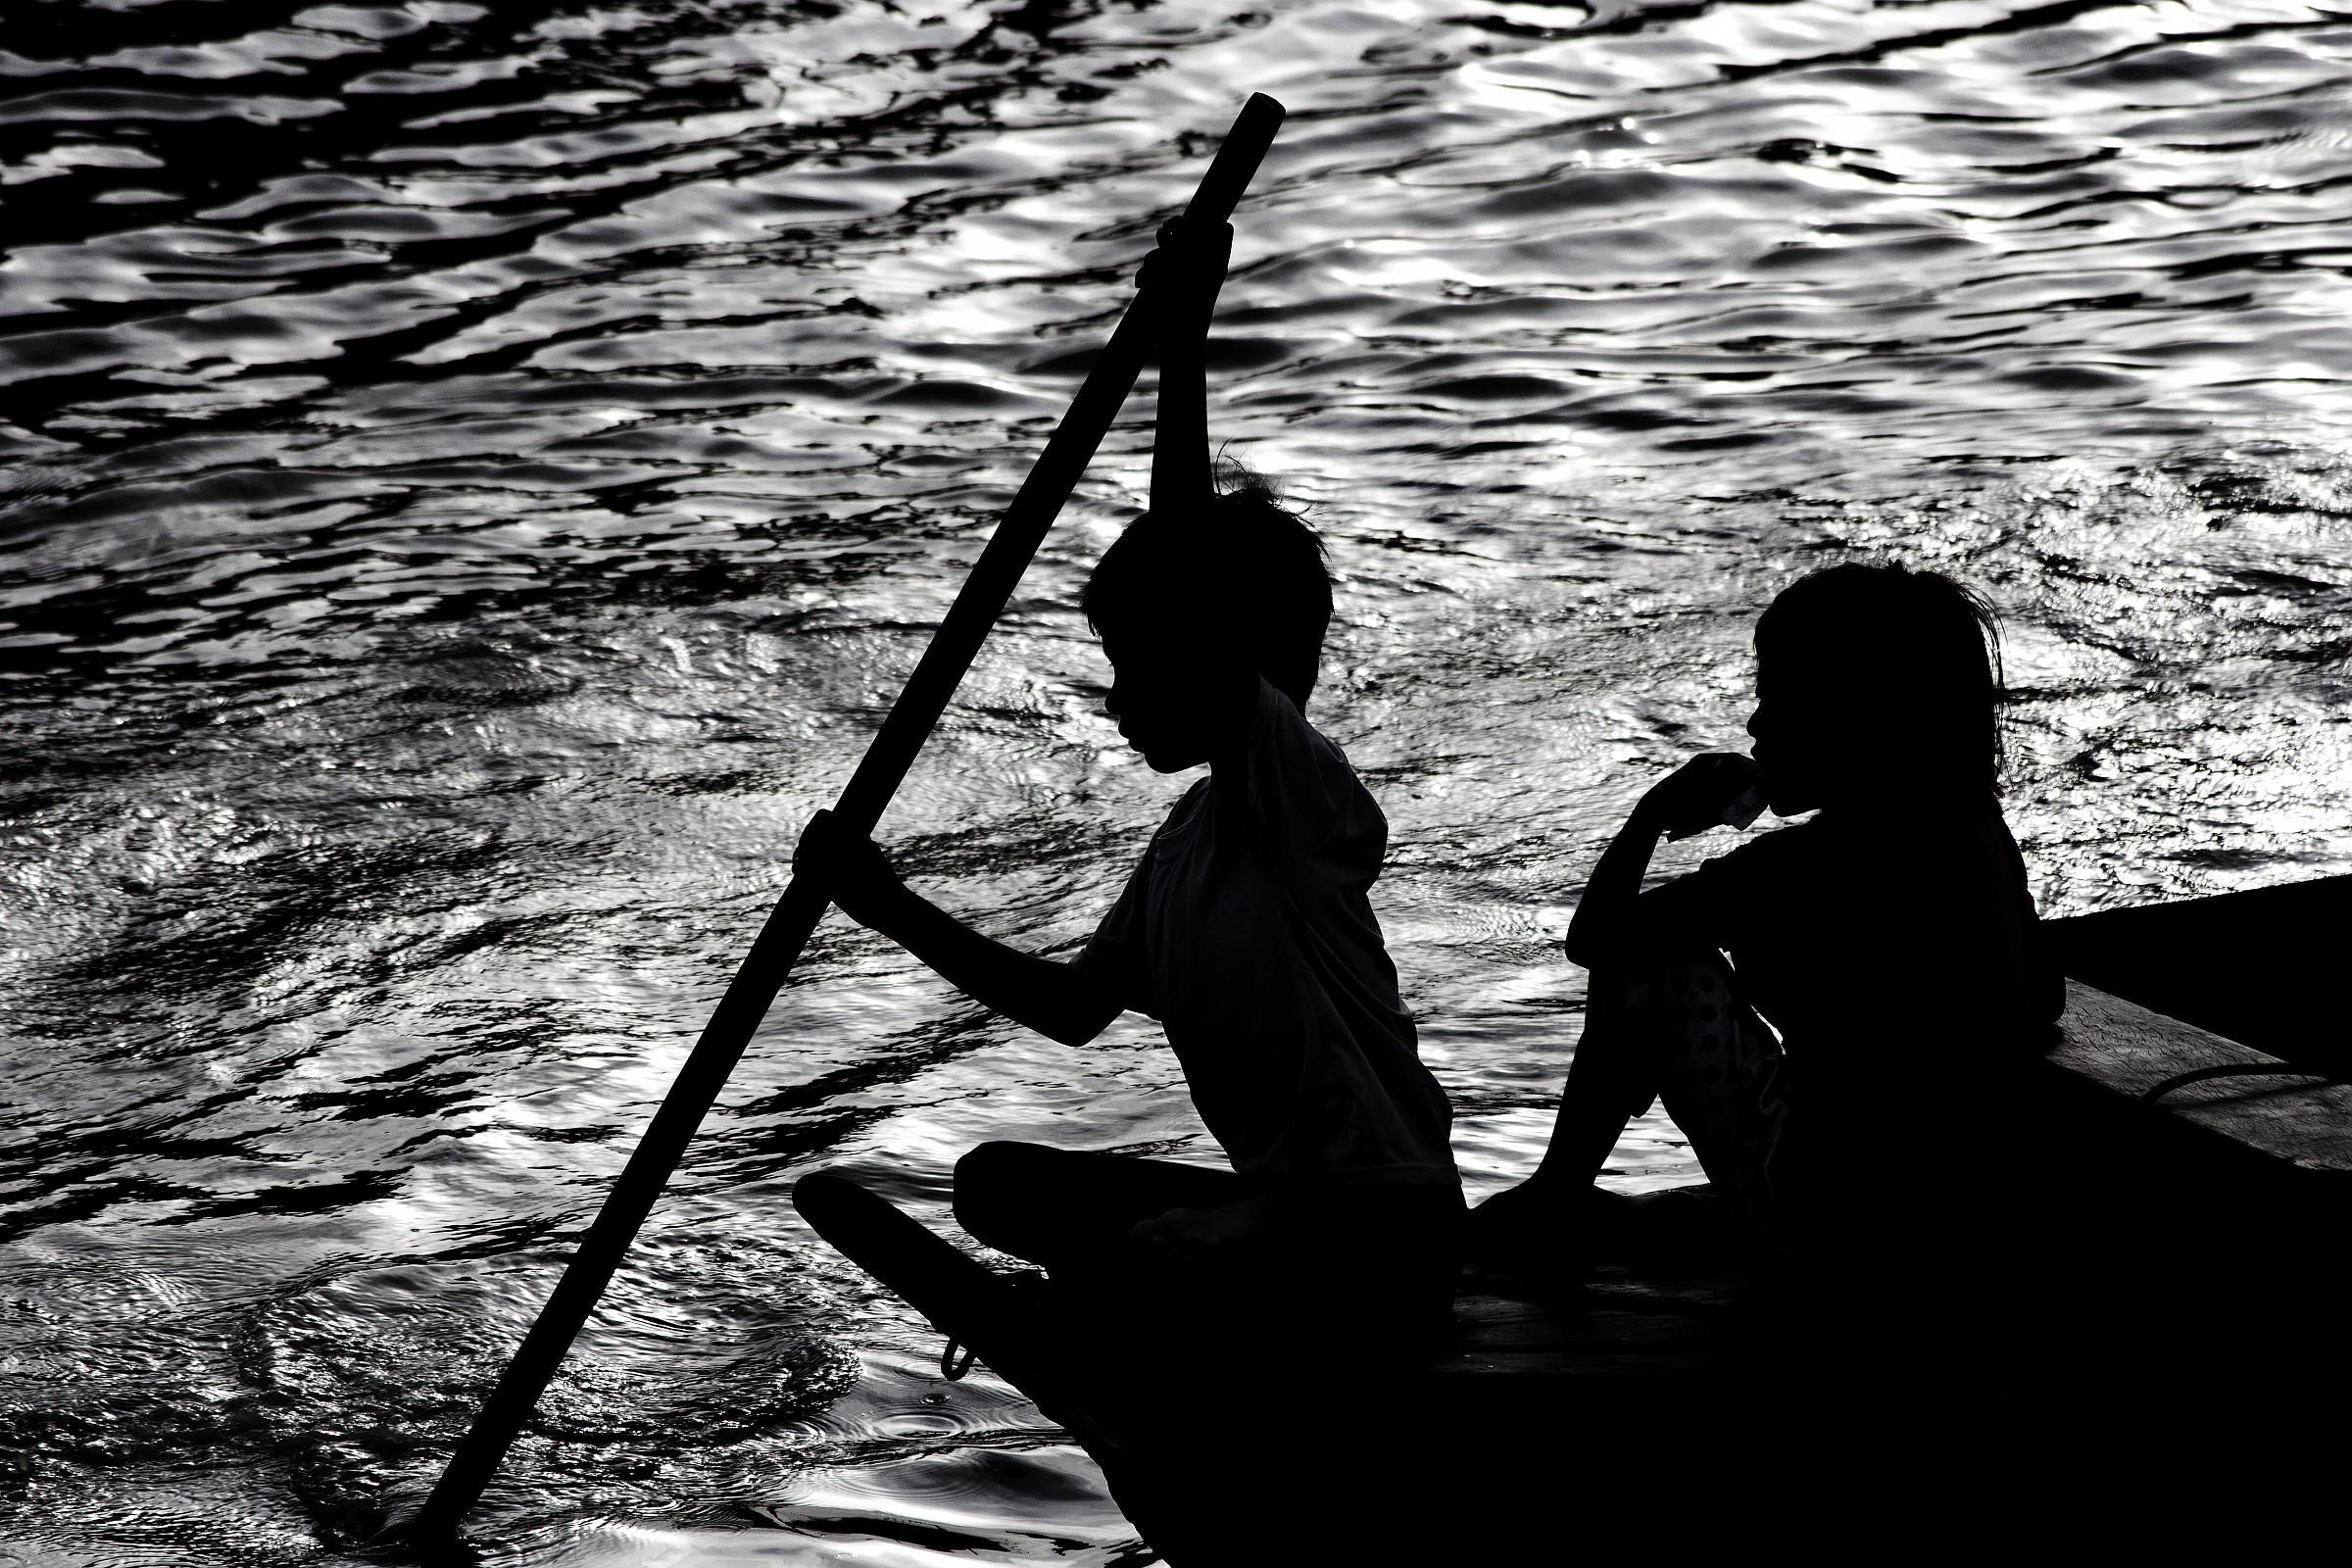 verso la speranza, Cambogia........